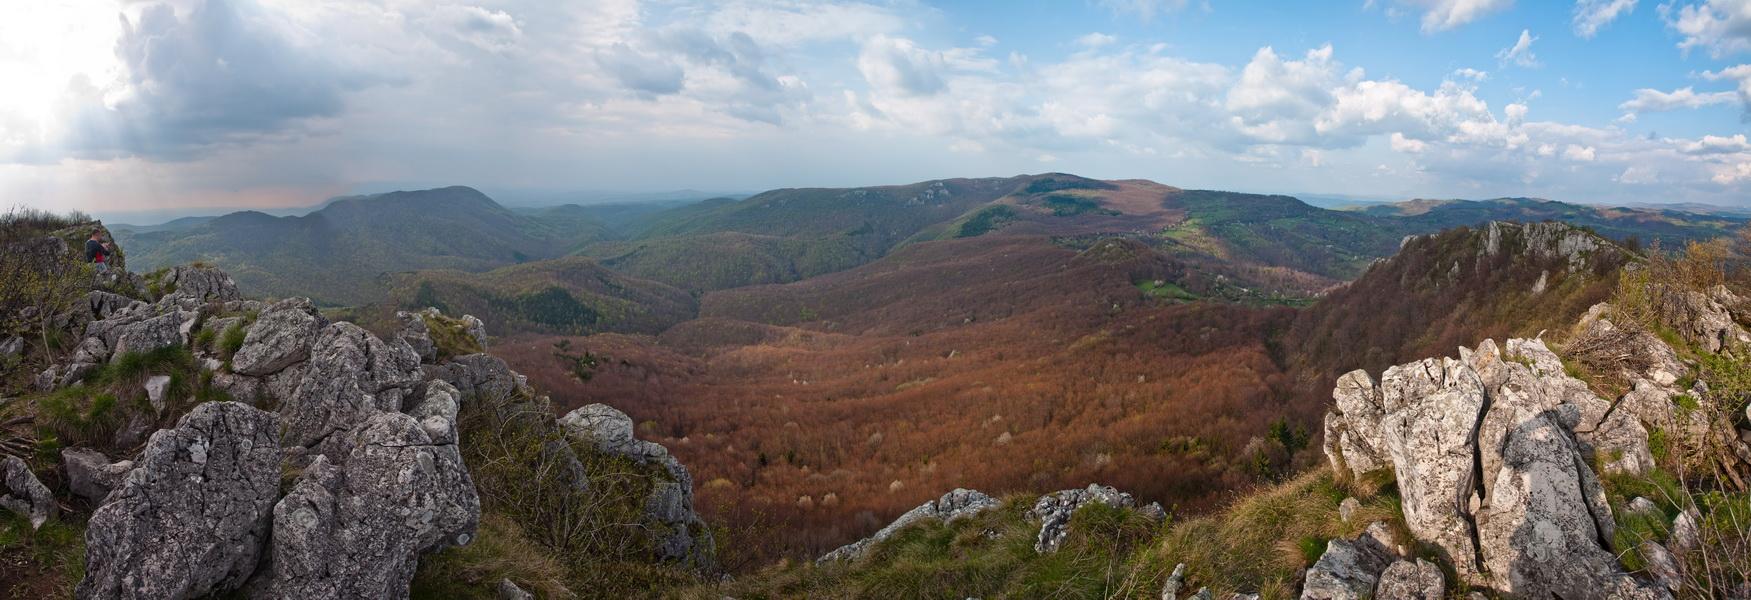 Величанствена панорама са Врања